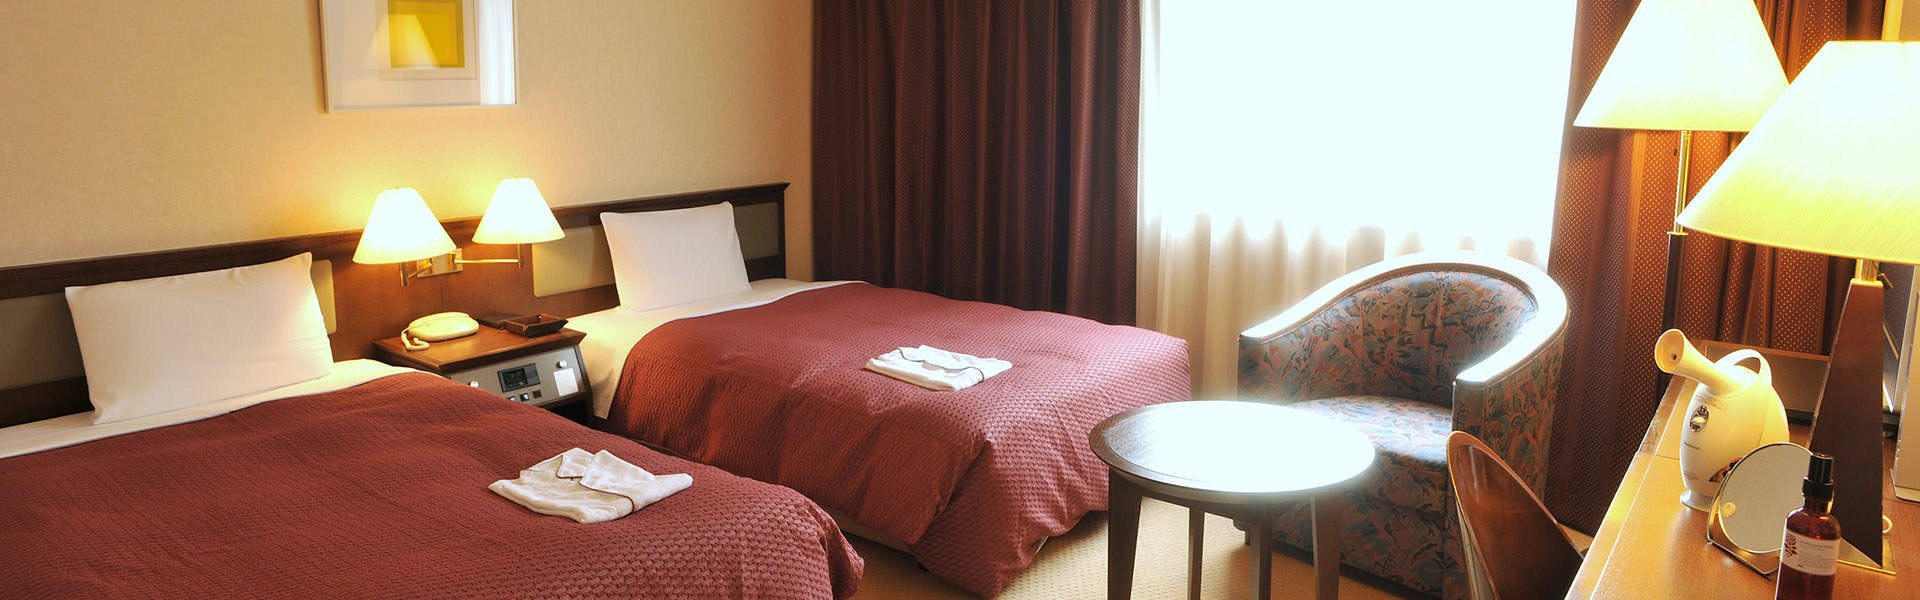 ベストウェスタンホテル名古屋 - 宿泊予約は[一休]